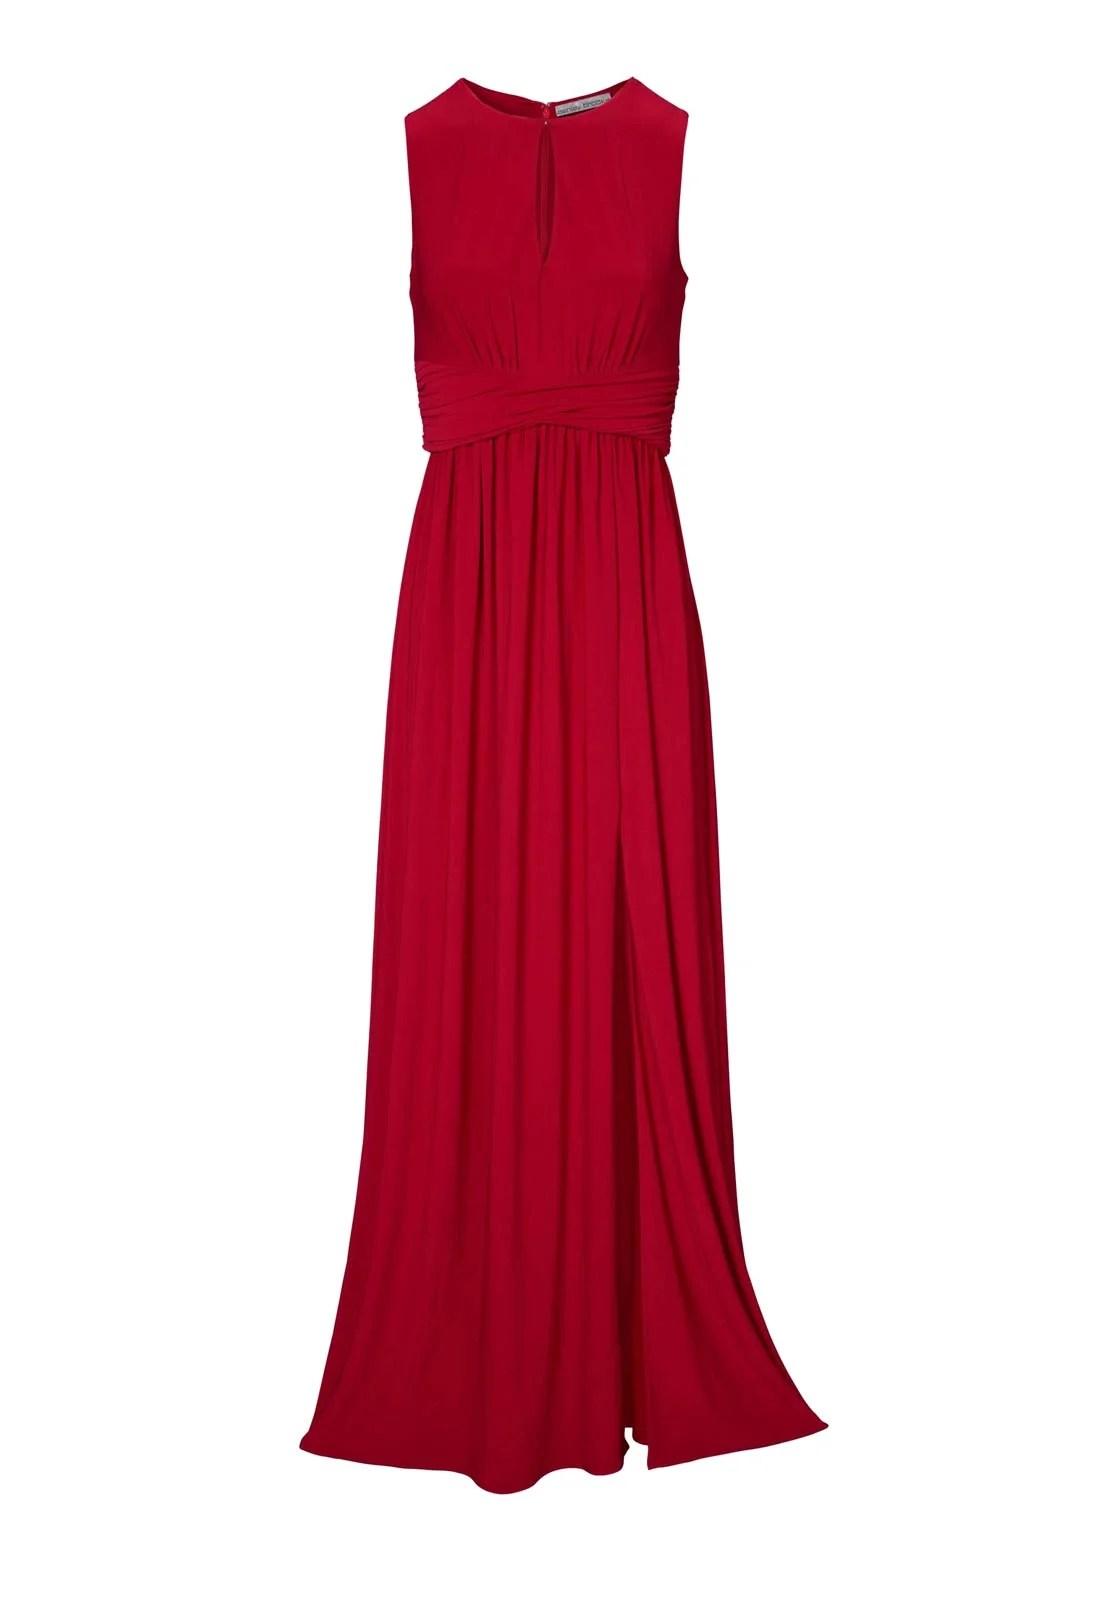 Festmoden ASHLEY BROOKE Damen Designer-Abendkleid Rot 096.686 Missforty